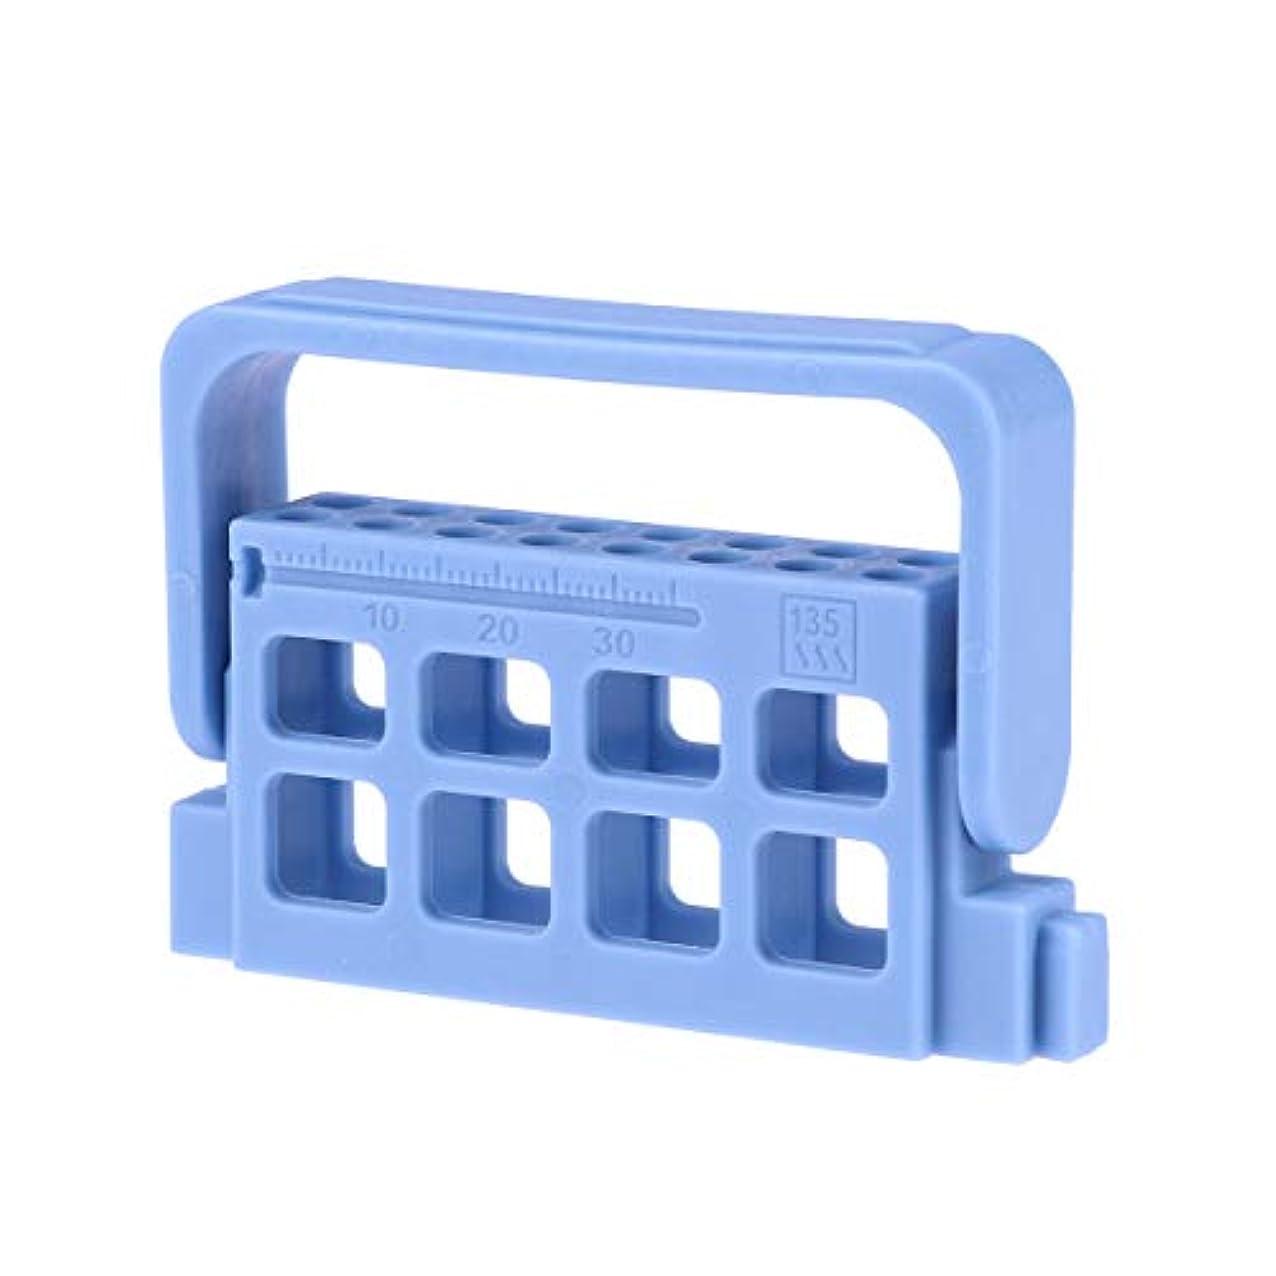 欲求不満ヶ月目感情HEALLILY 歯科用測定ファイルホルダー口腔根管洗浄スタンド付き測定スケール臨床用具(青)